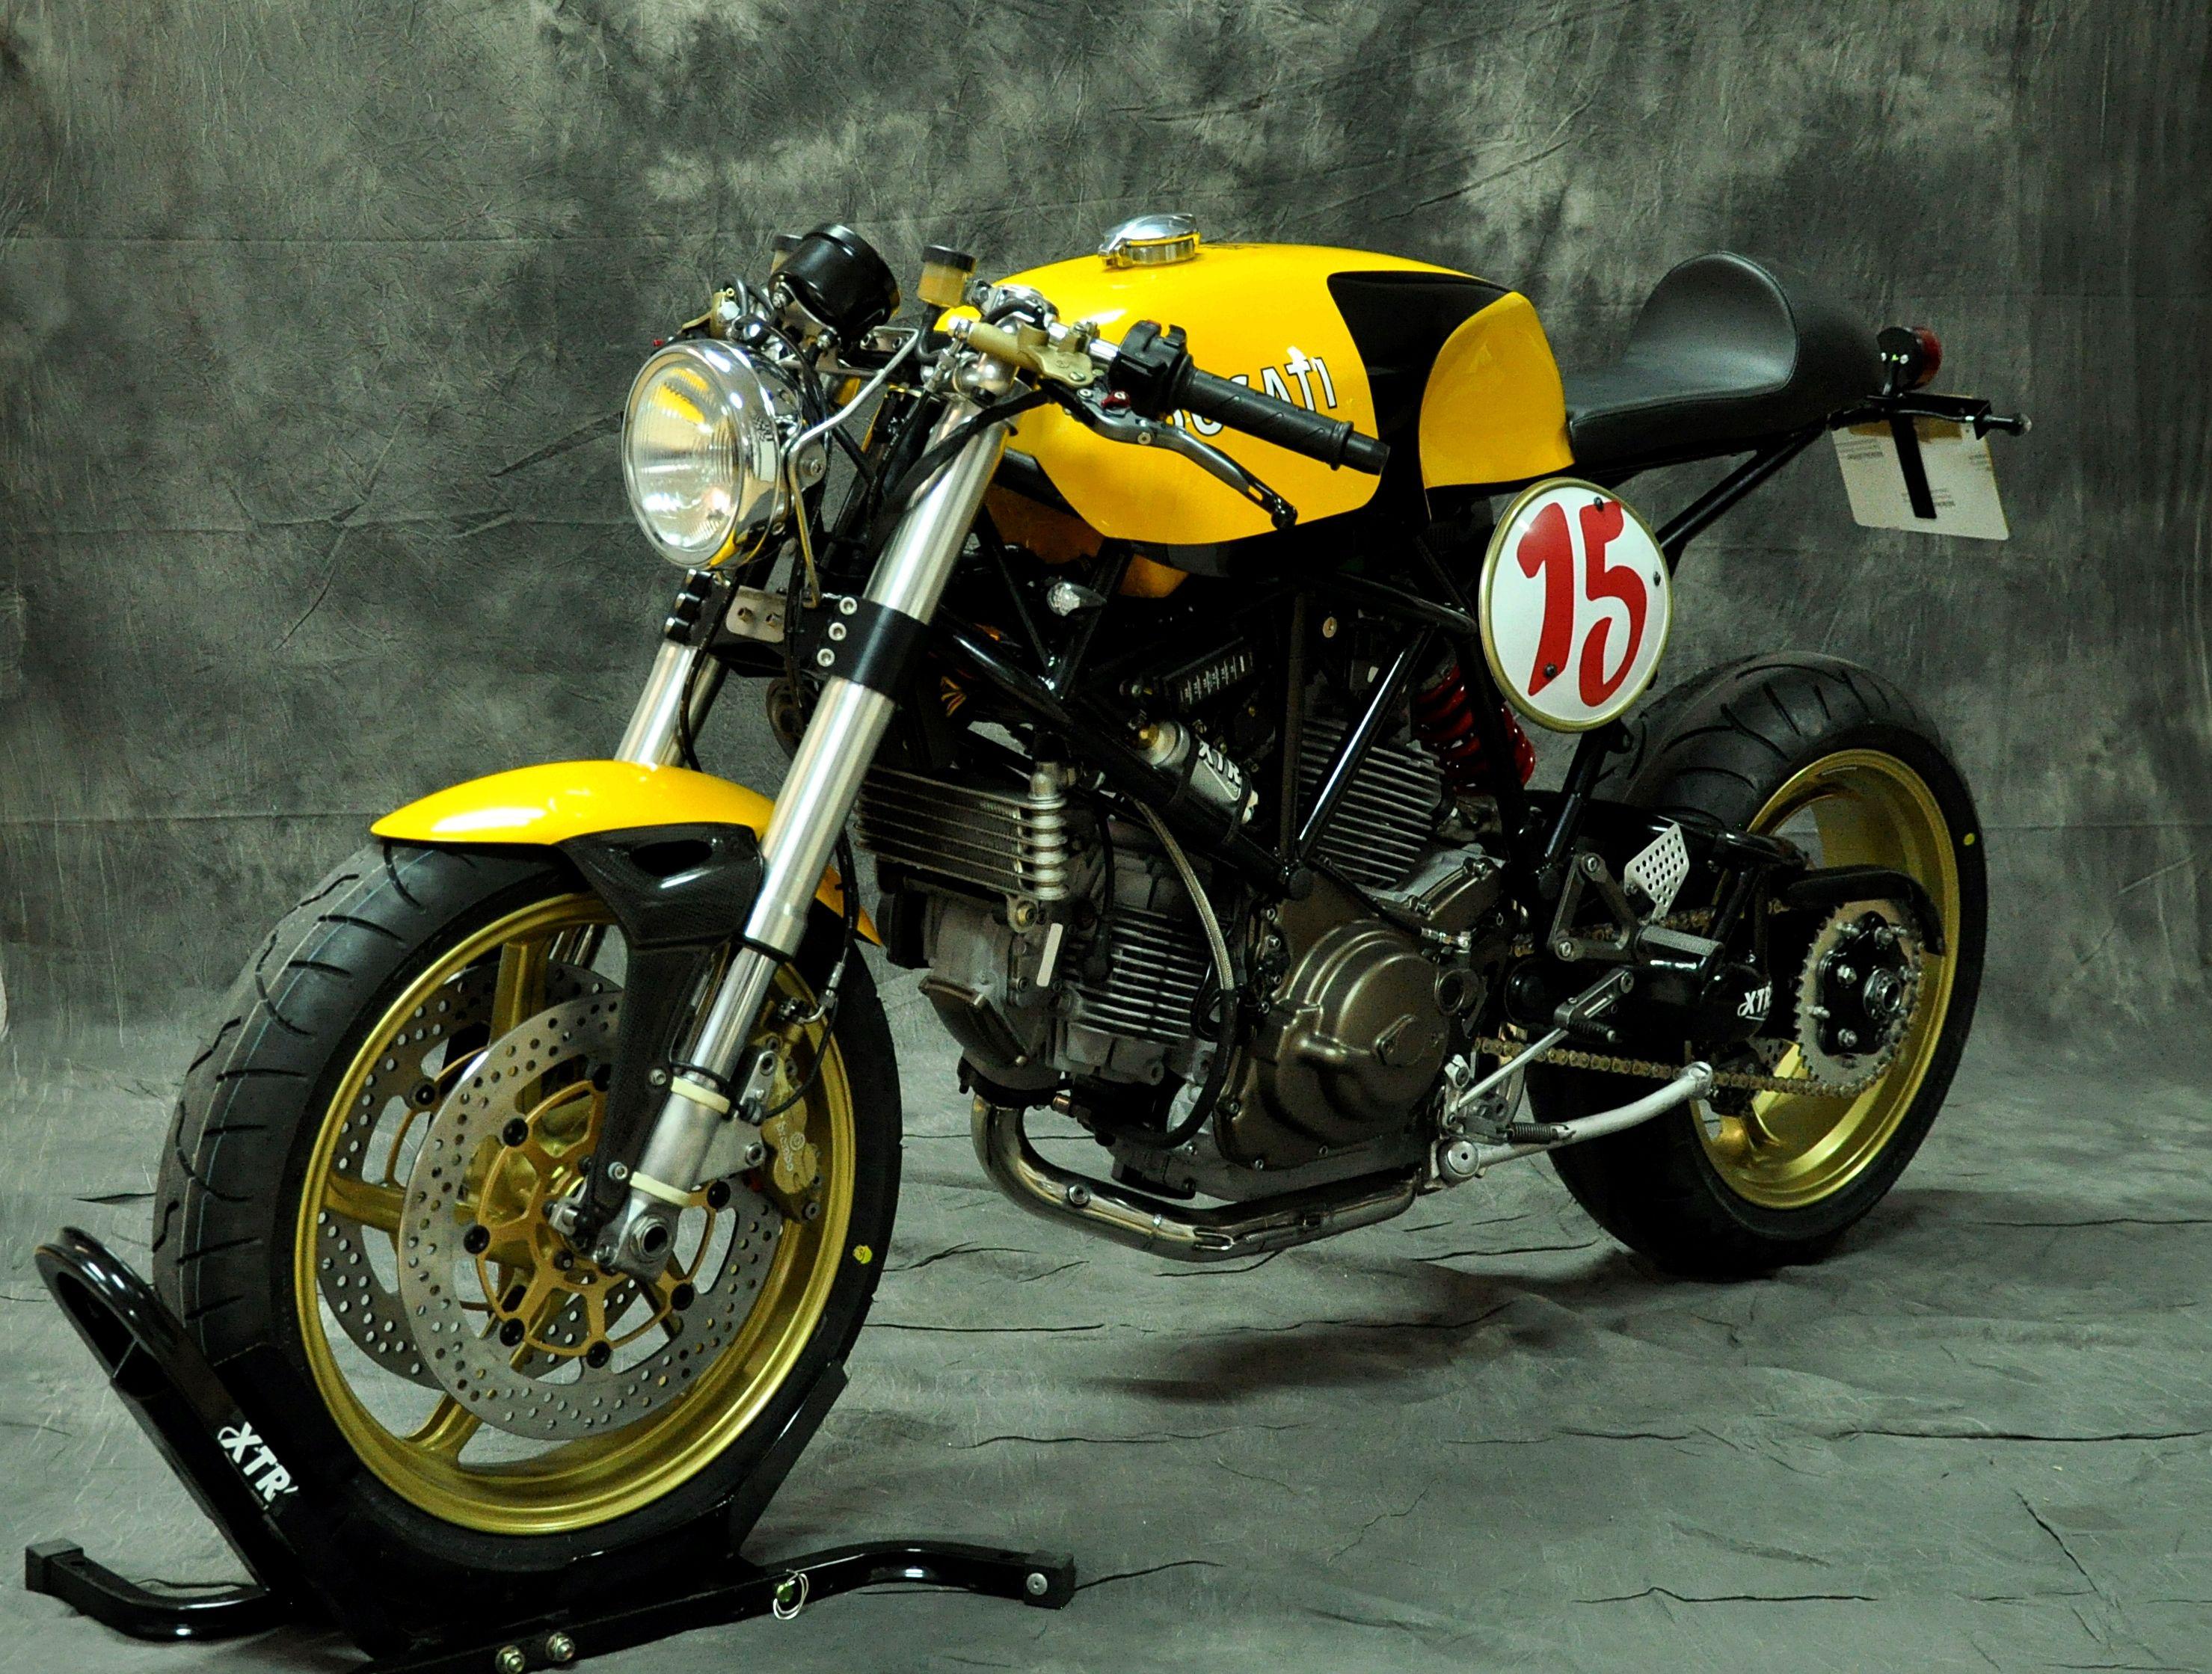 Beautiful Ducati 750 Caferacer Rider By Xtr Pepo Una Ducati